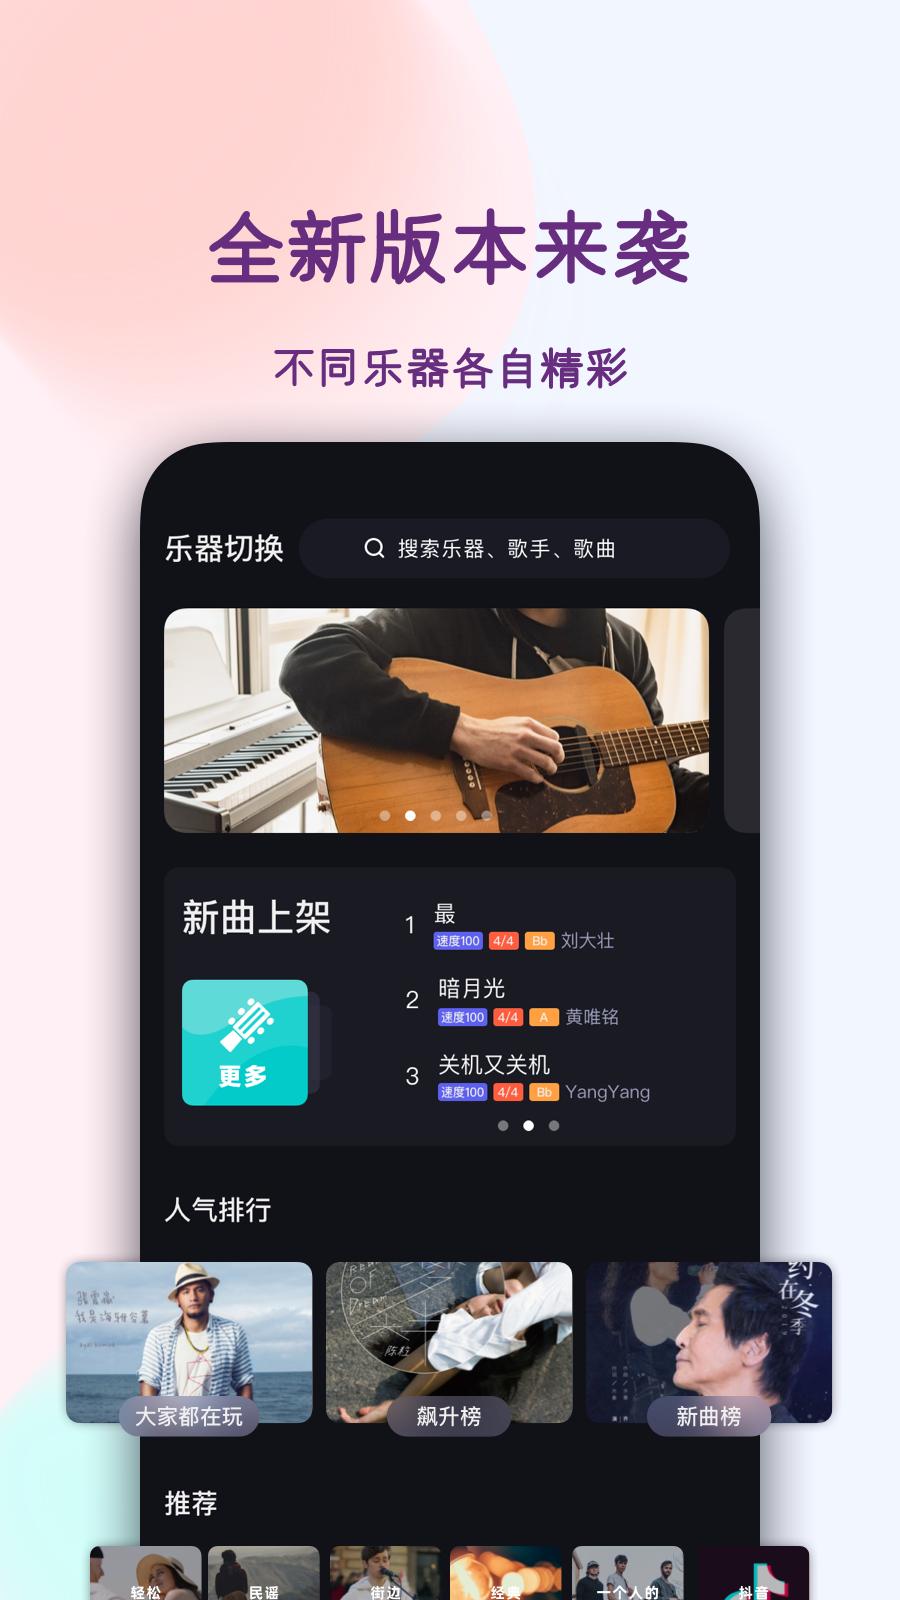 板凳音乐APP-板凳音乐下载-板凳音乐安卓版/苹果版/电脑版安装-飞翔软件库